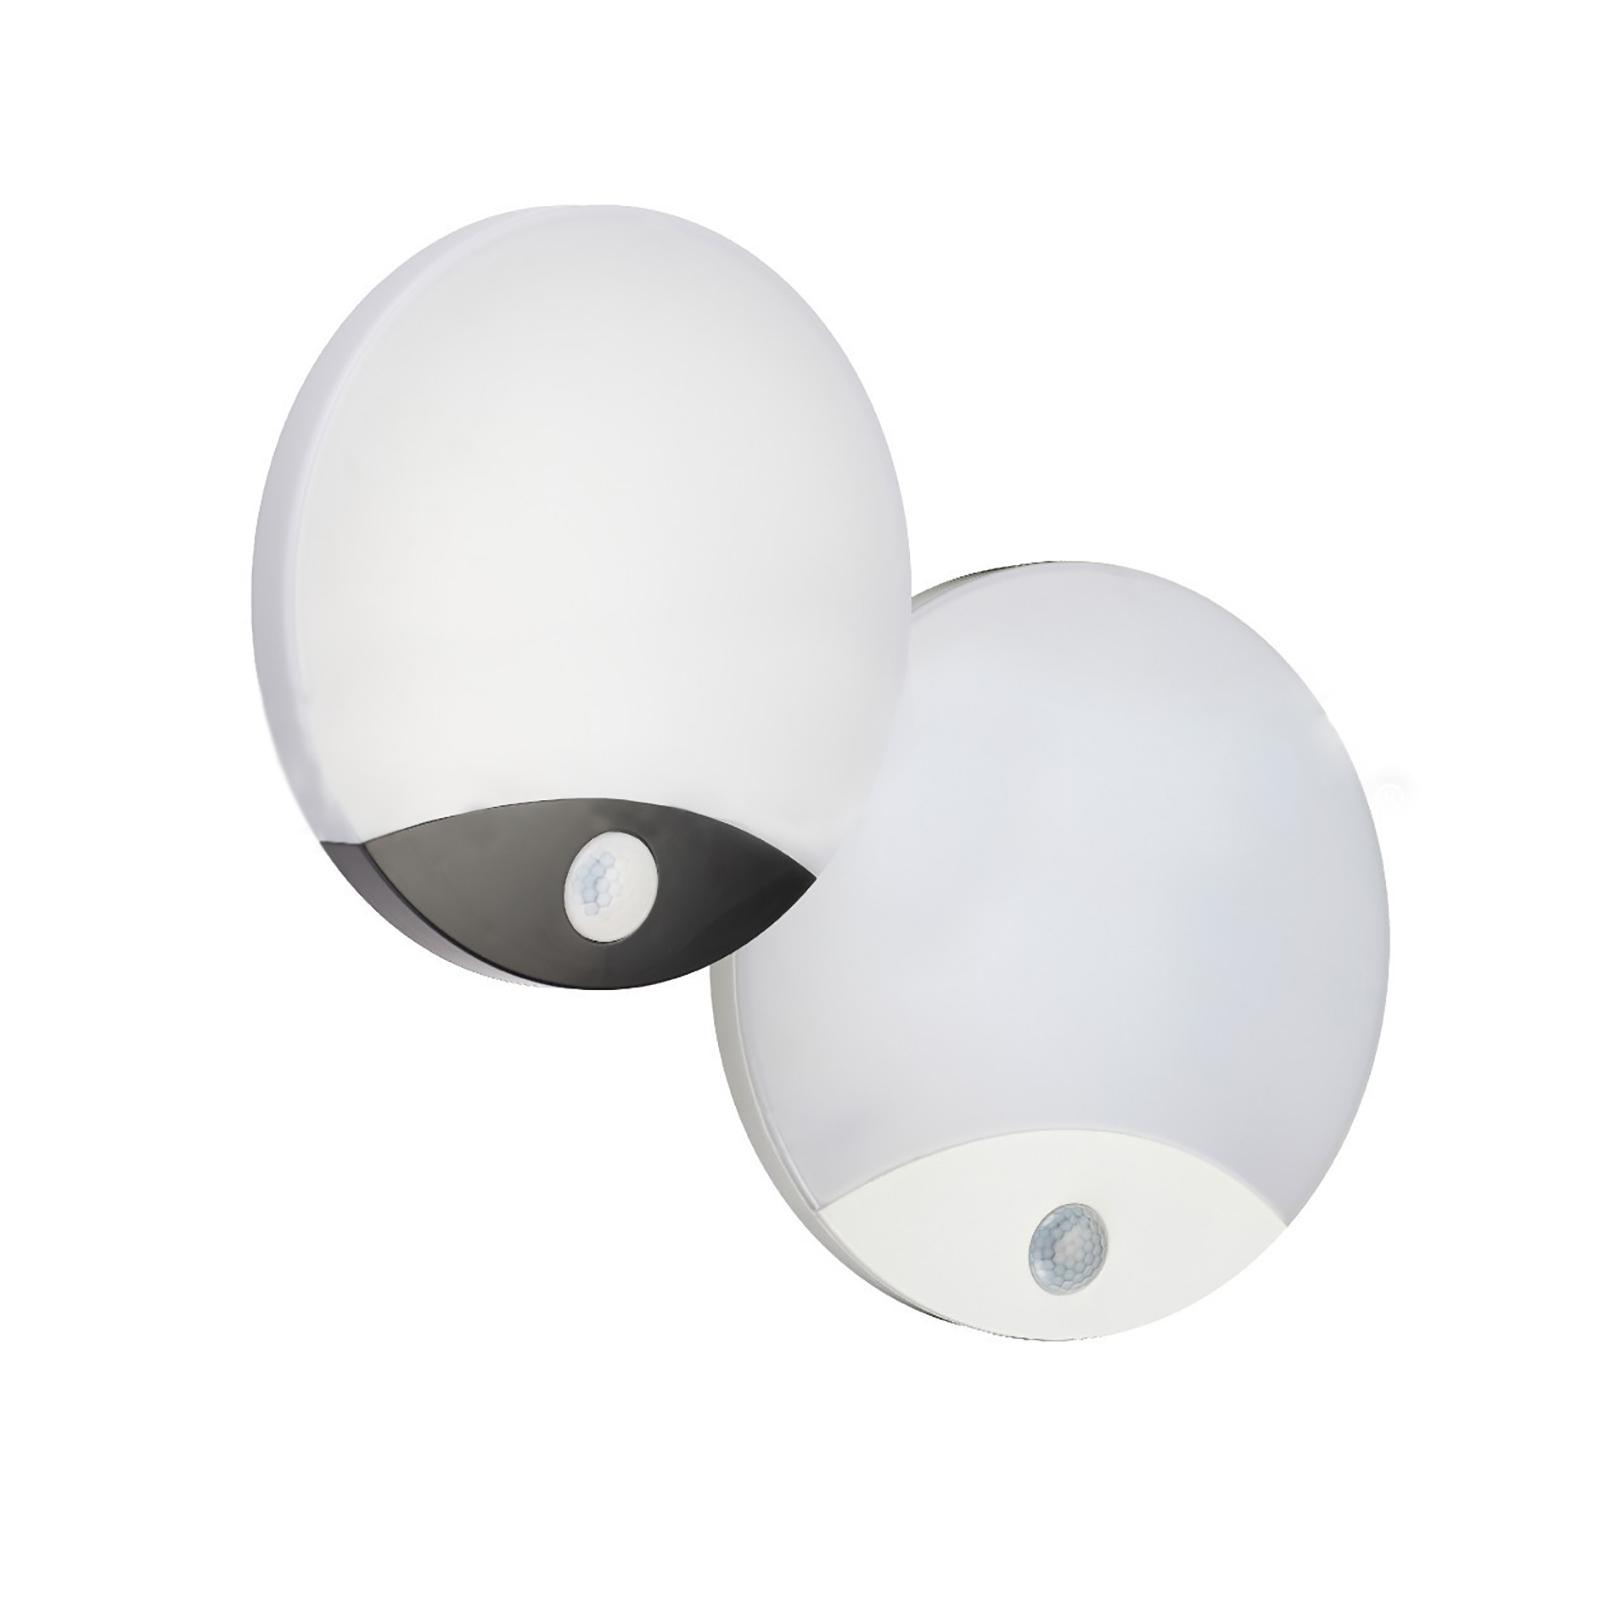 LED muro esterno Luce Lampada da soffitto con rilevatore di movimento LAMPADA CASA GARAGE MURO